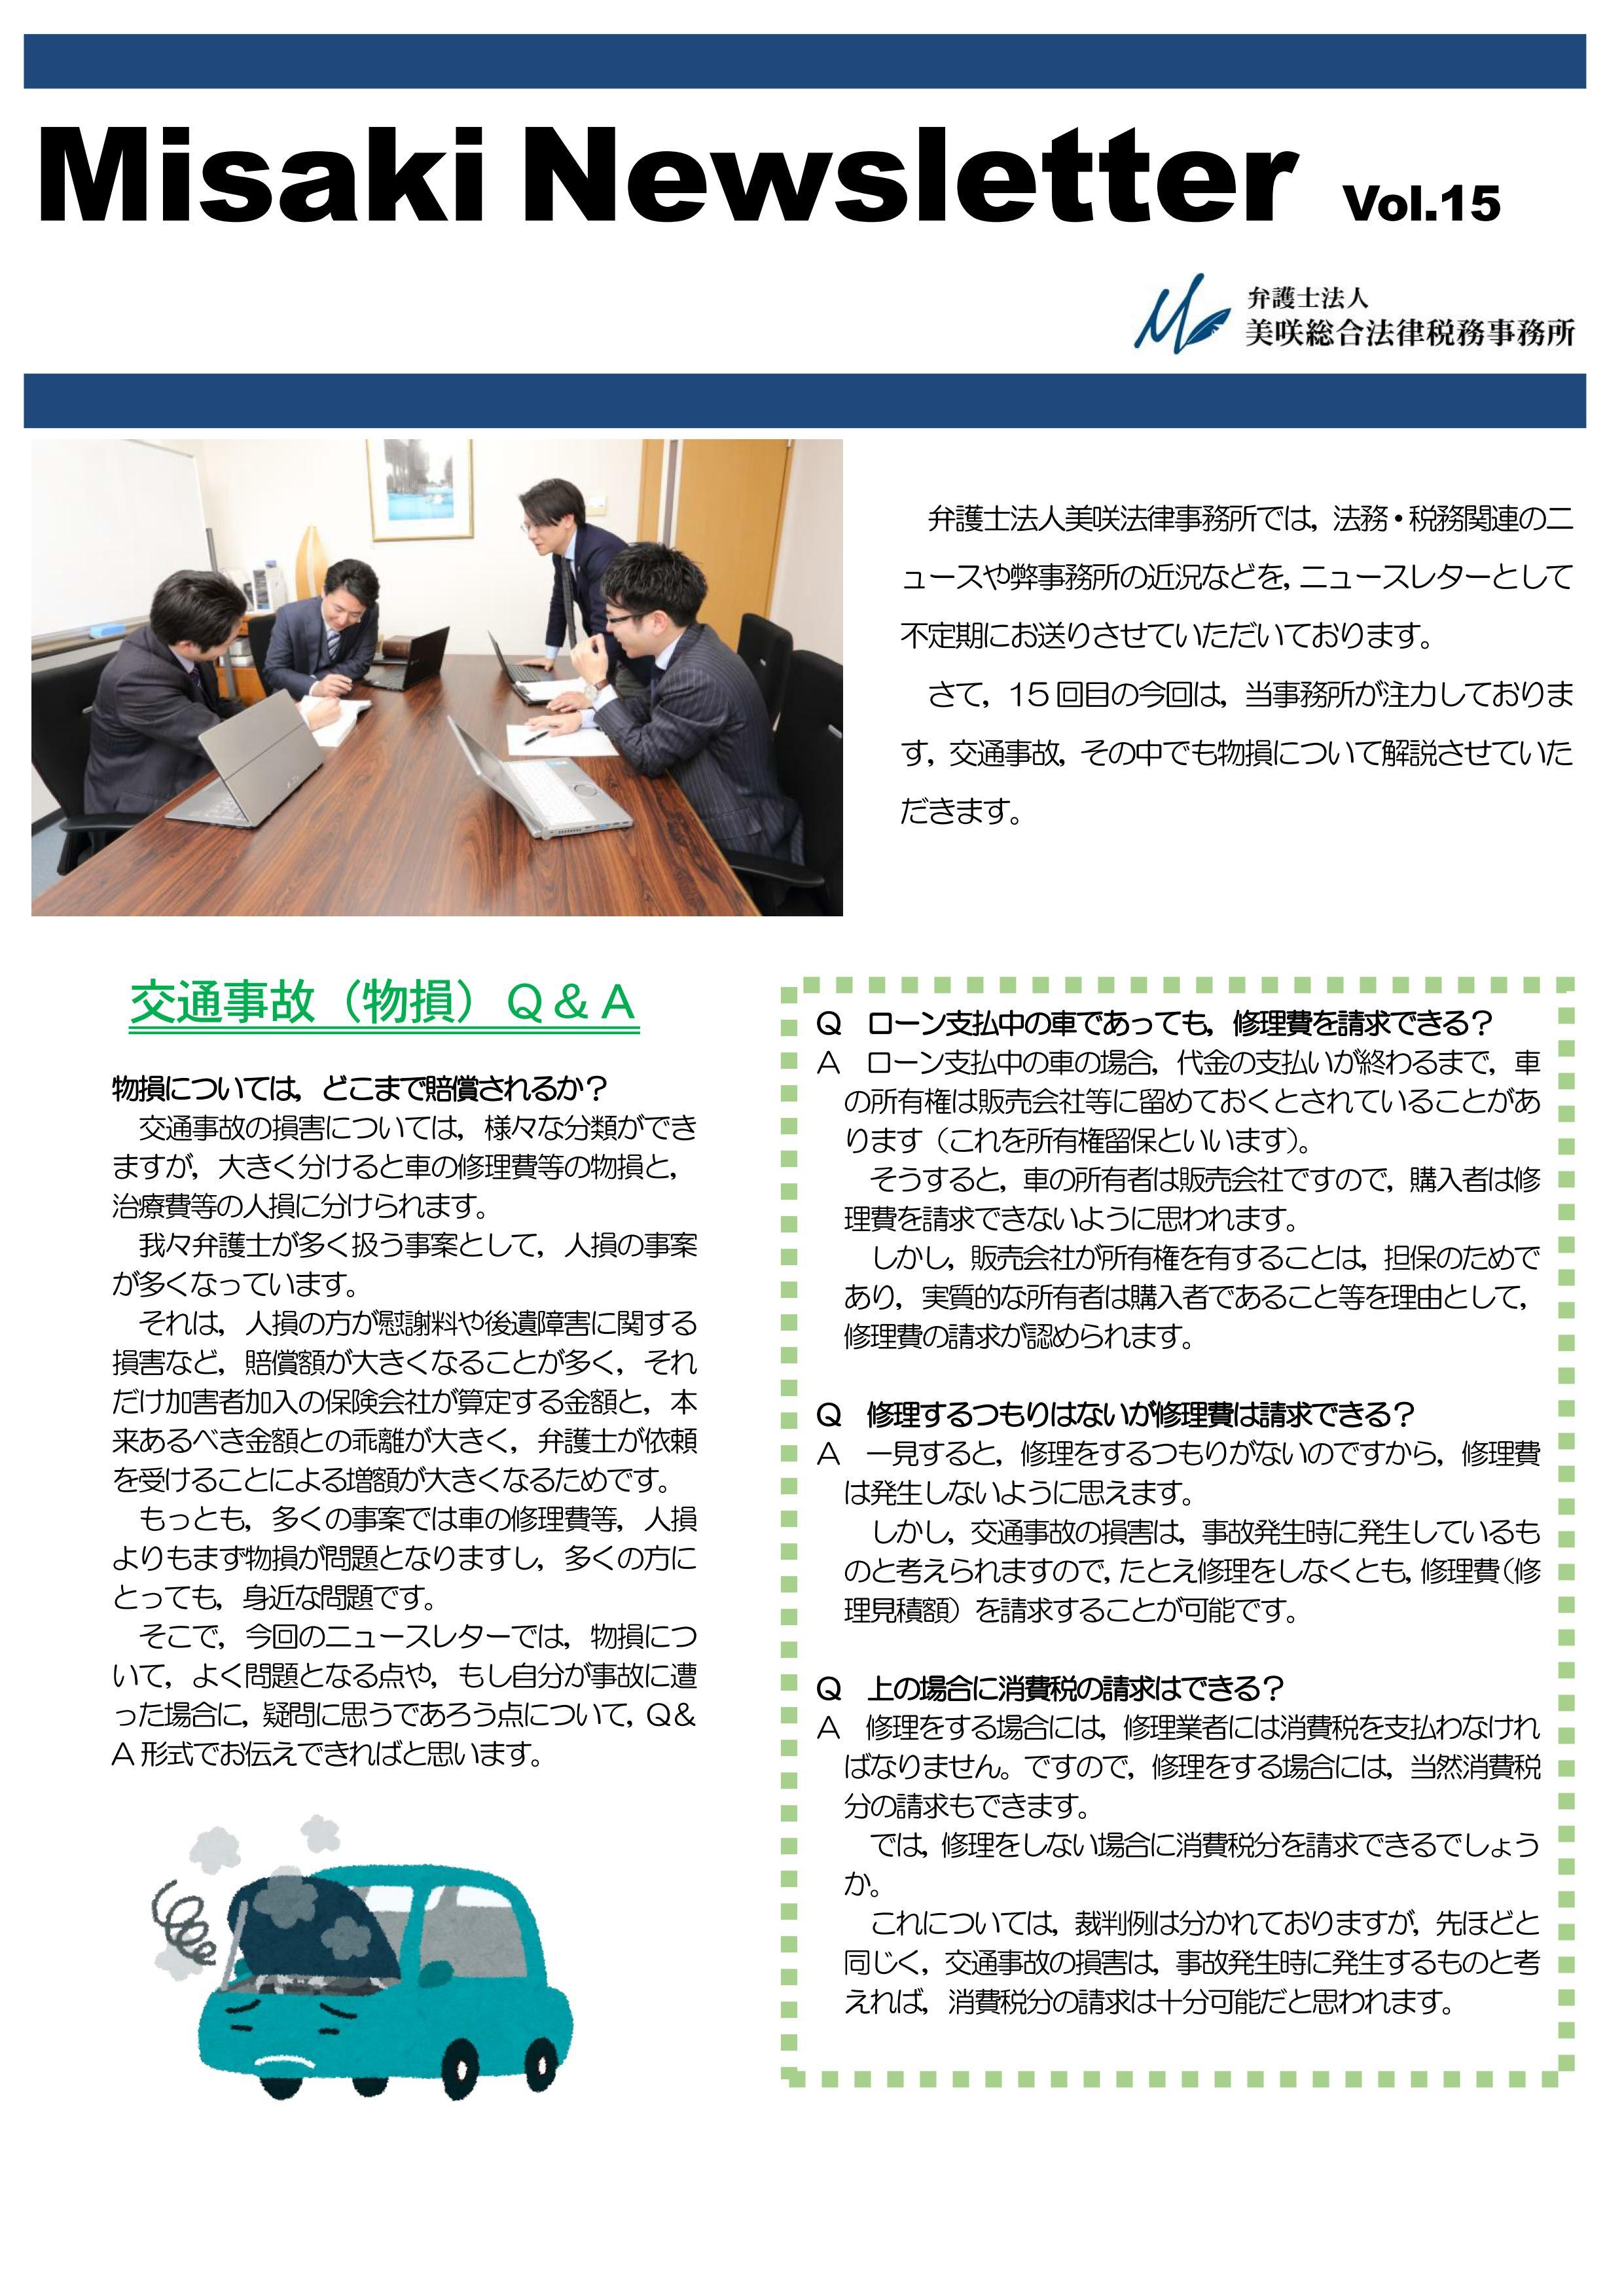 ニュースレター vol.15_01.jpg